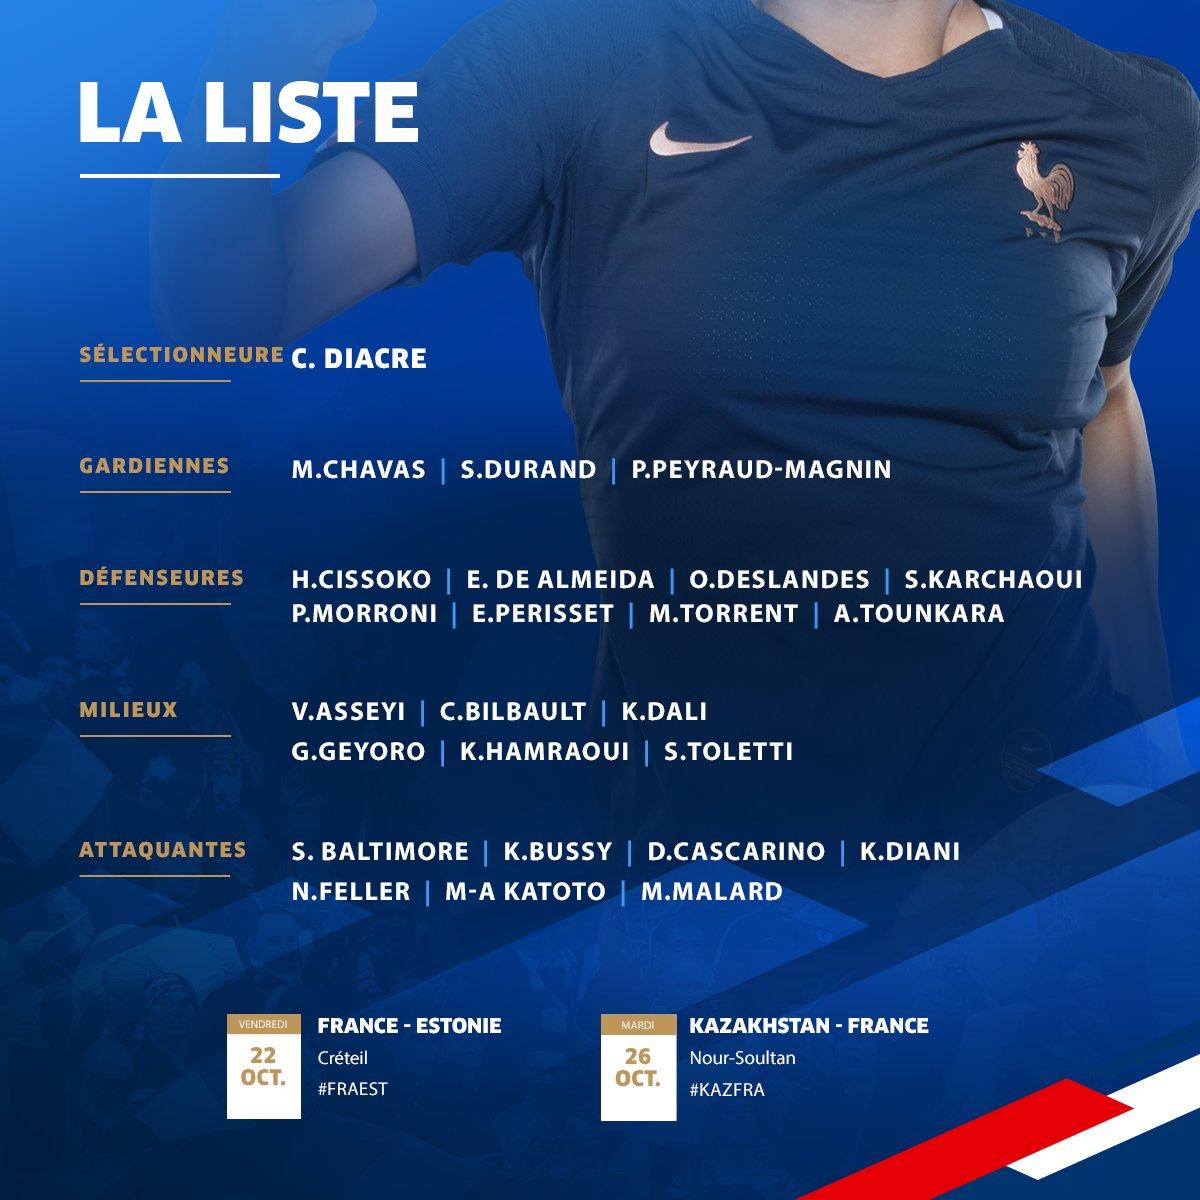 Bleues - Kheira HAMRAOUI de retour en sélection, FELLER nouvelle venue